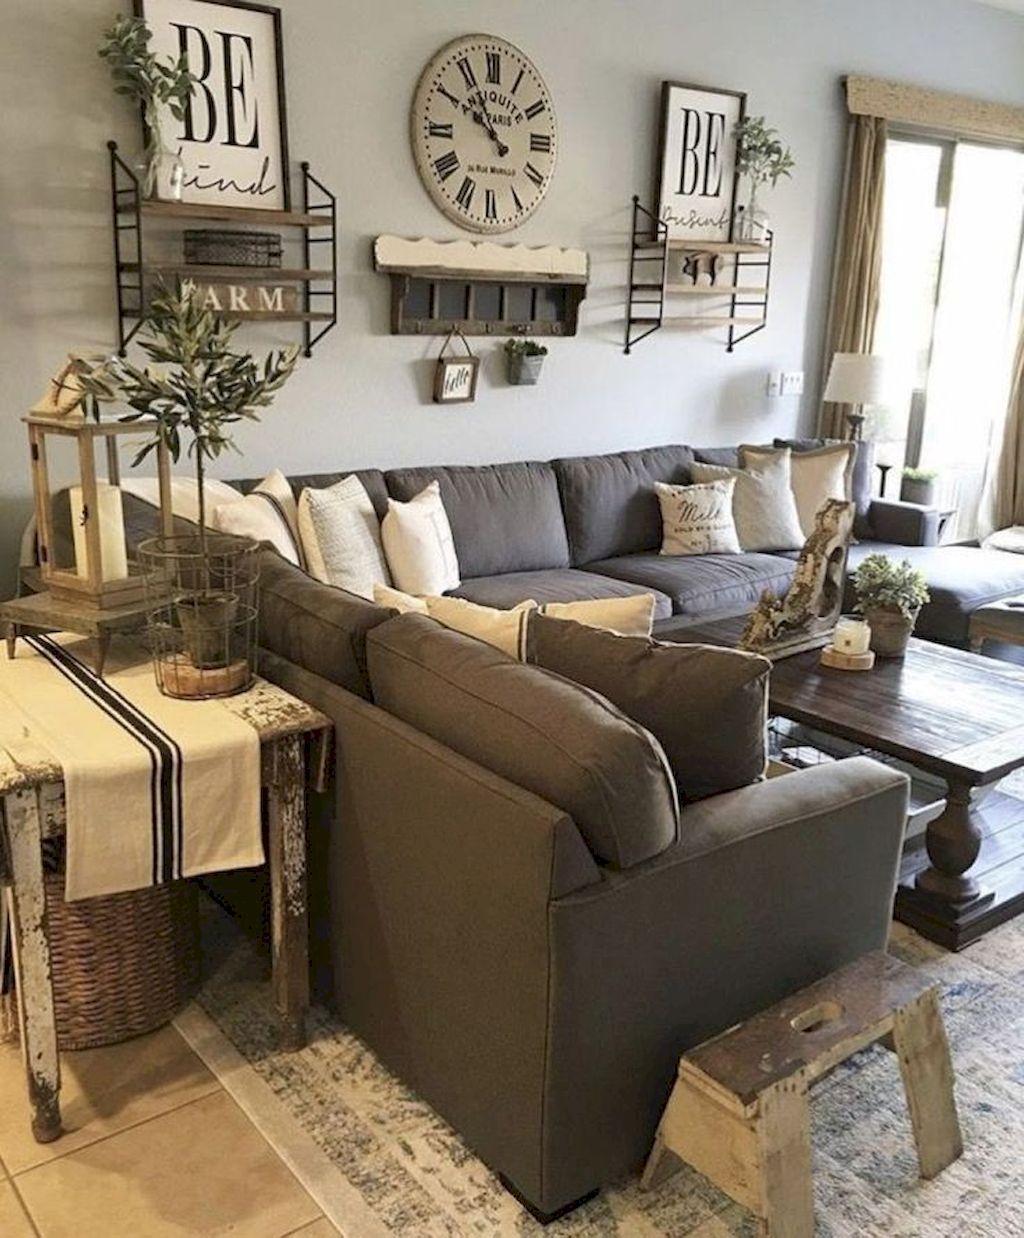 85 Cozy Modern Farmhouse Living Room Decor Ideas: 41 Cozy Modern Farmhouse Living Room Decor Ideas